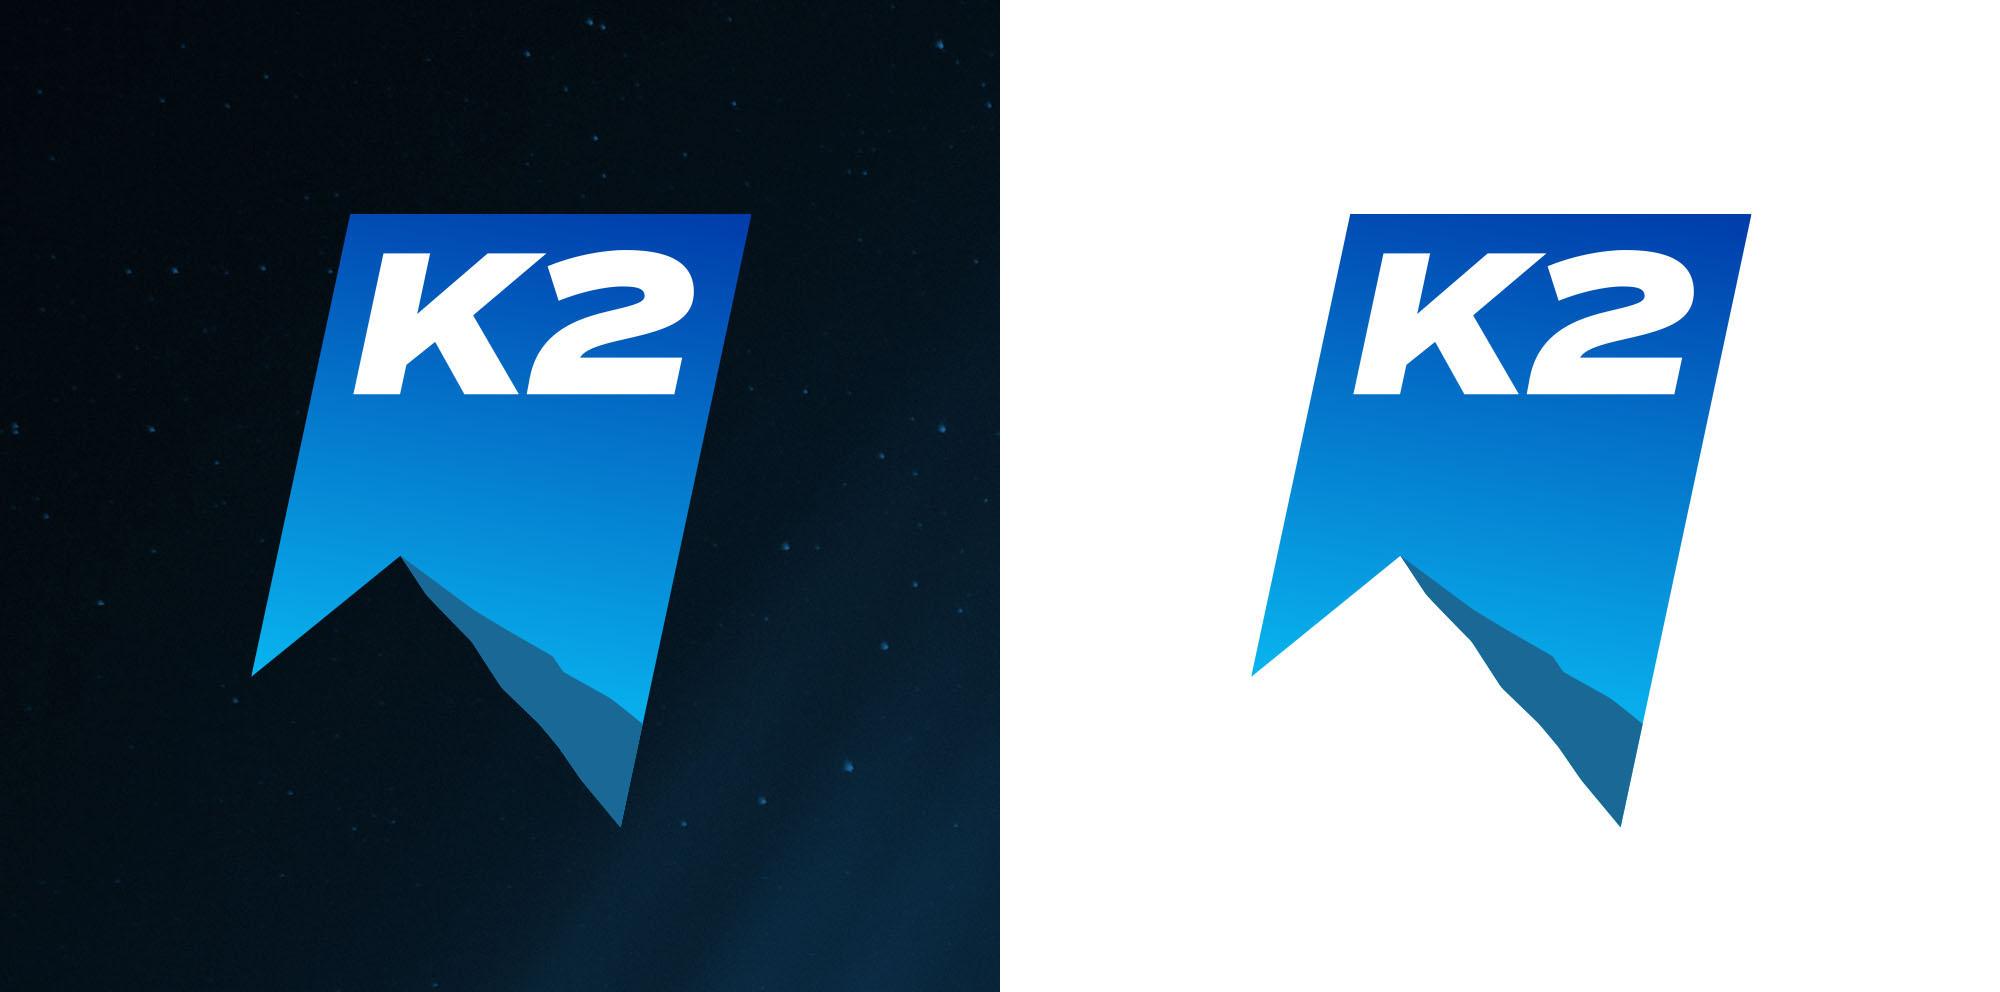 K2 logotype design